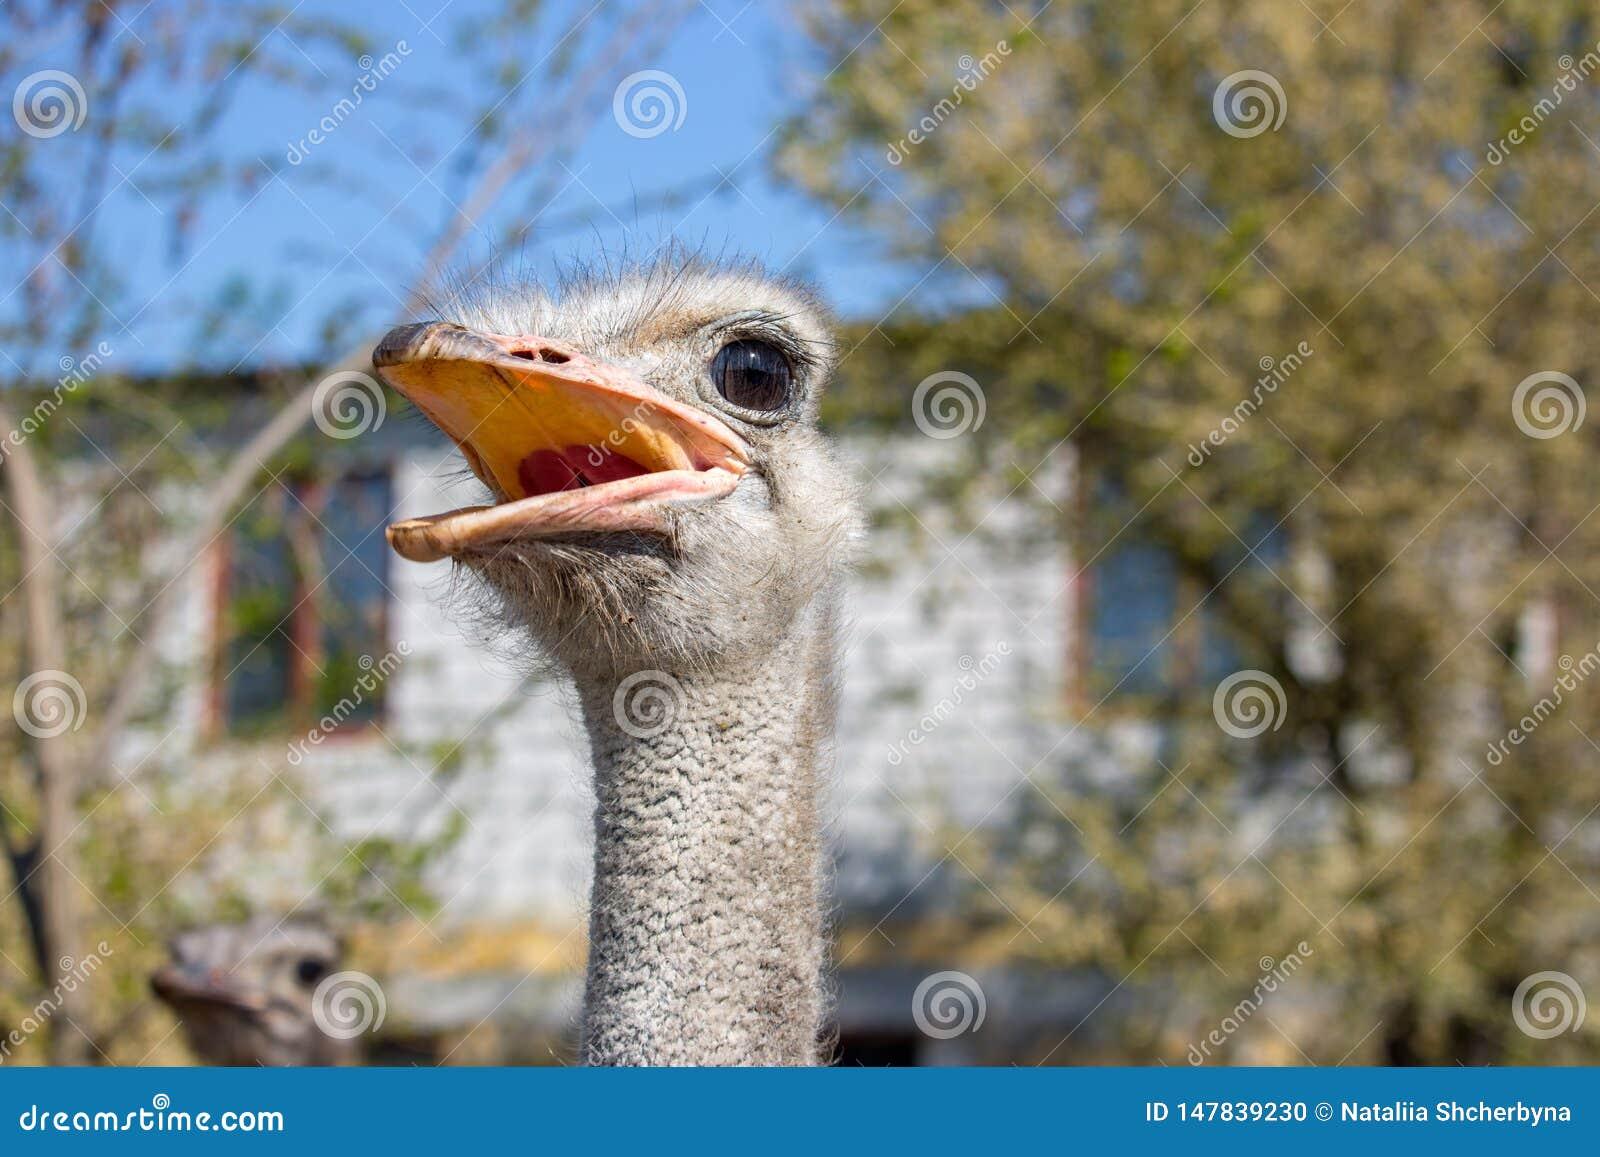 Fim do retrato da avestruz acima Ema curioso na explora??o agr?cola Cara irritada da avestruz Close up peludo engra?ado do ema Co